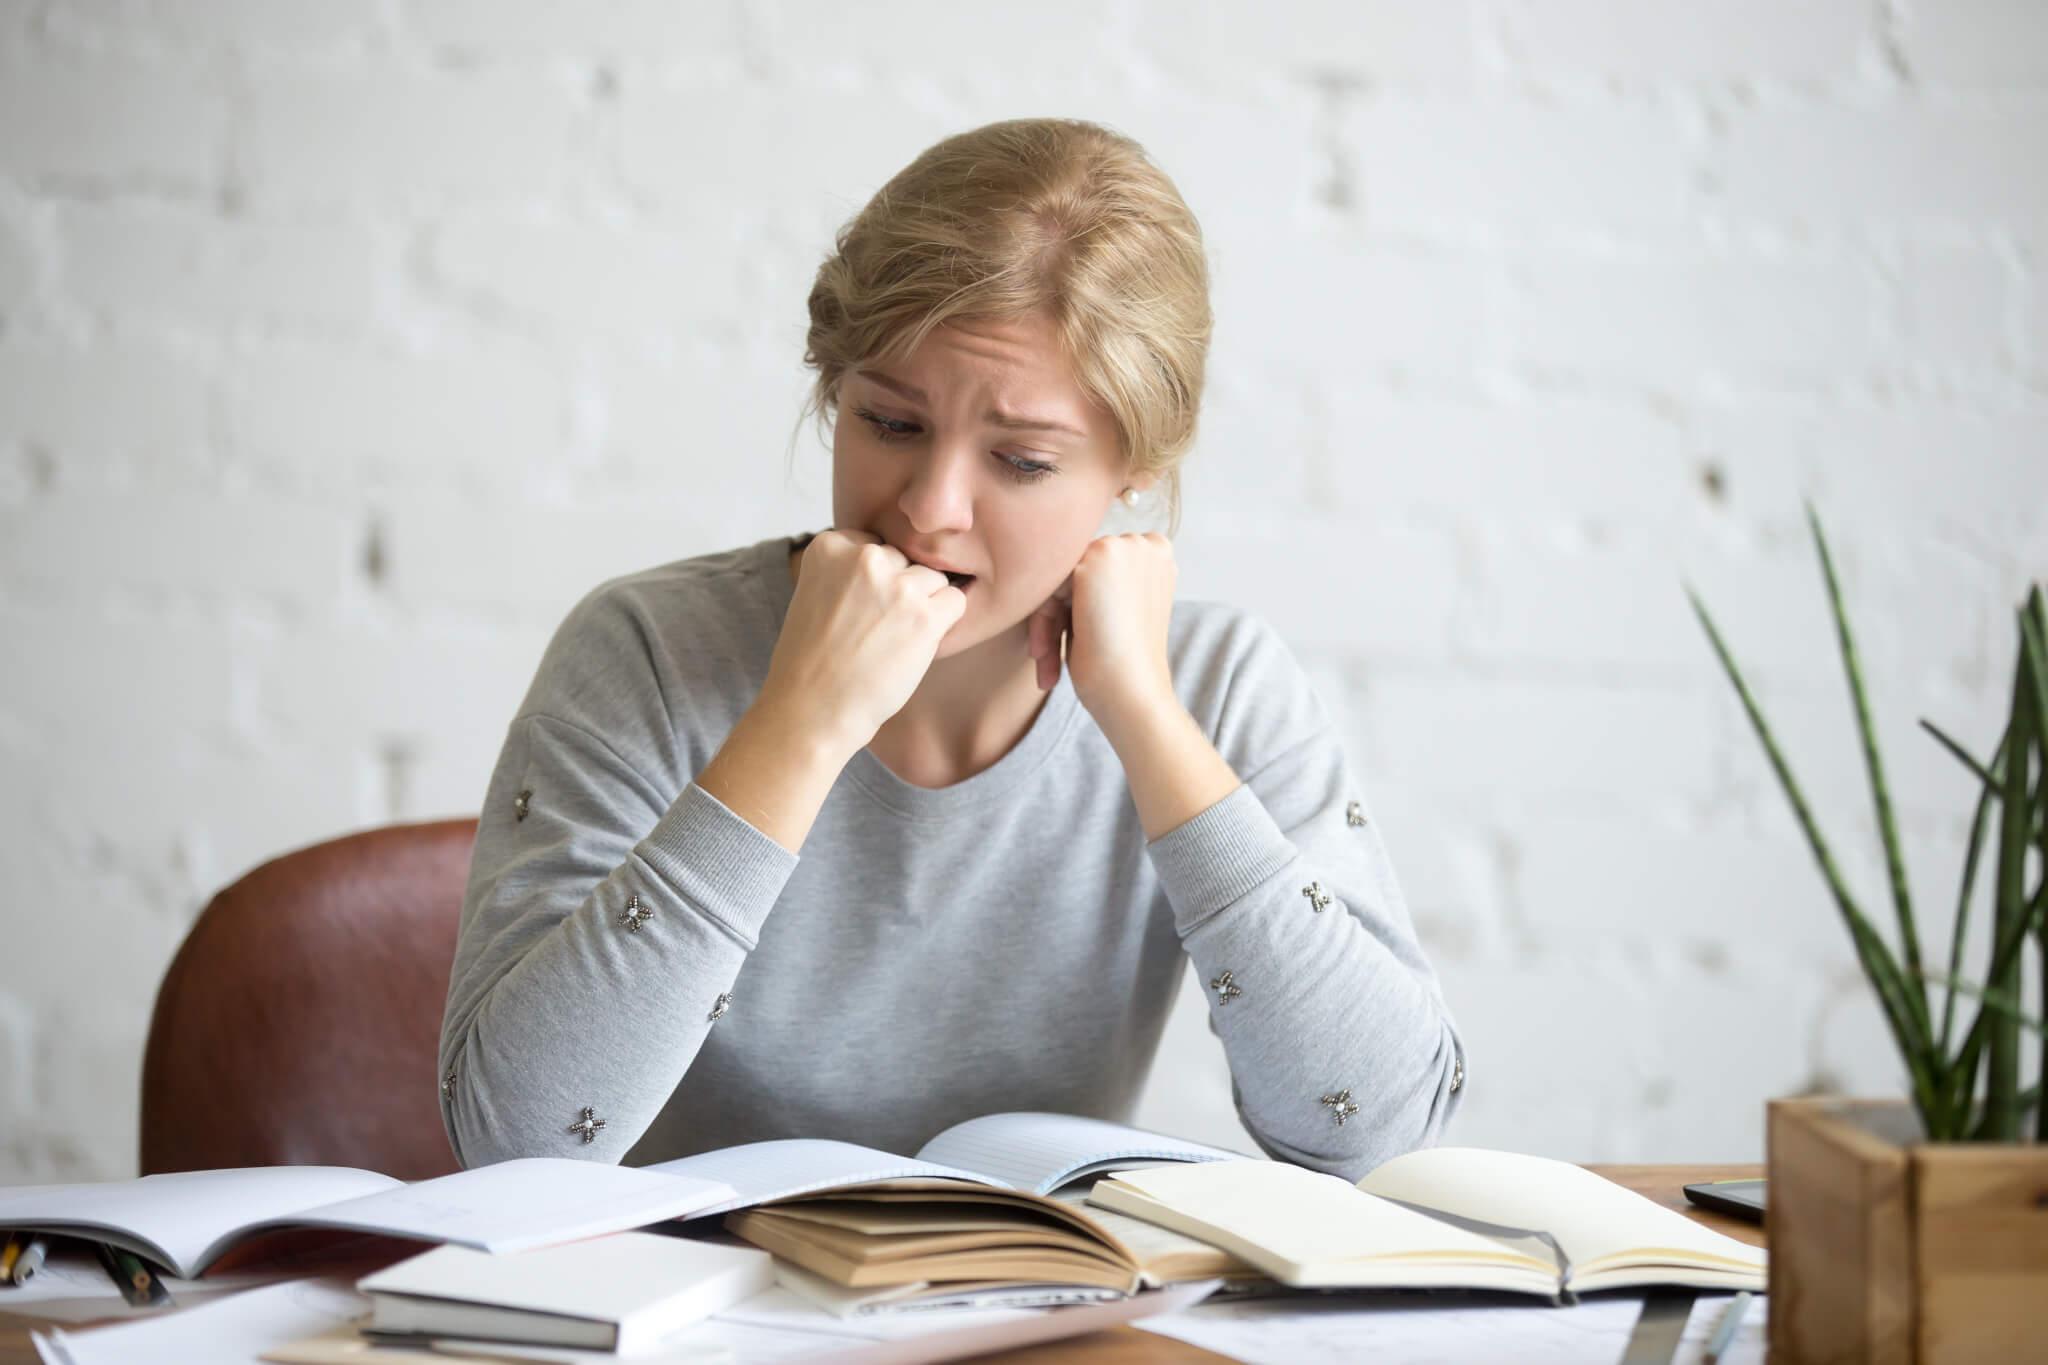 Como organizar melhor o tempo para estudar?